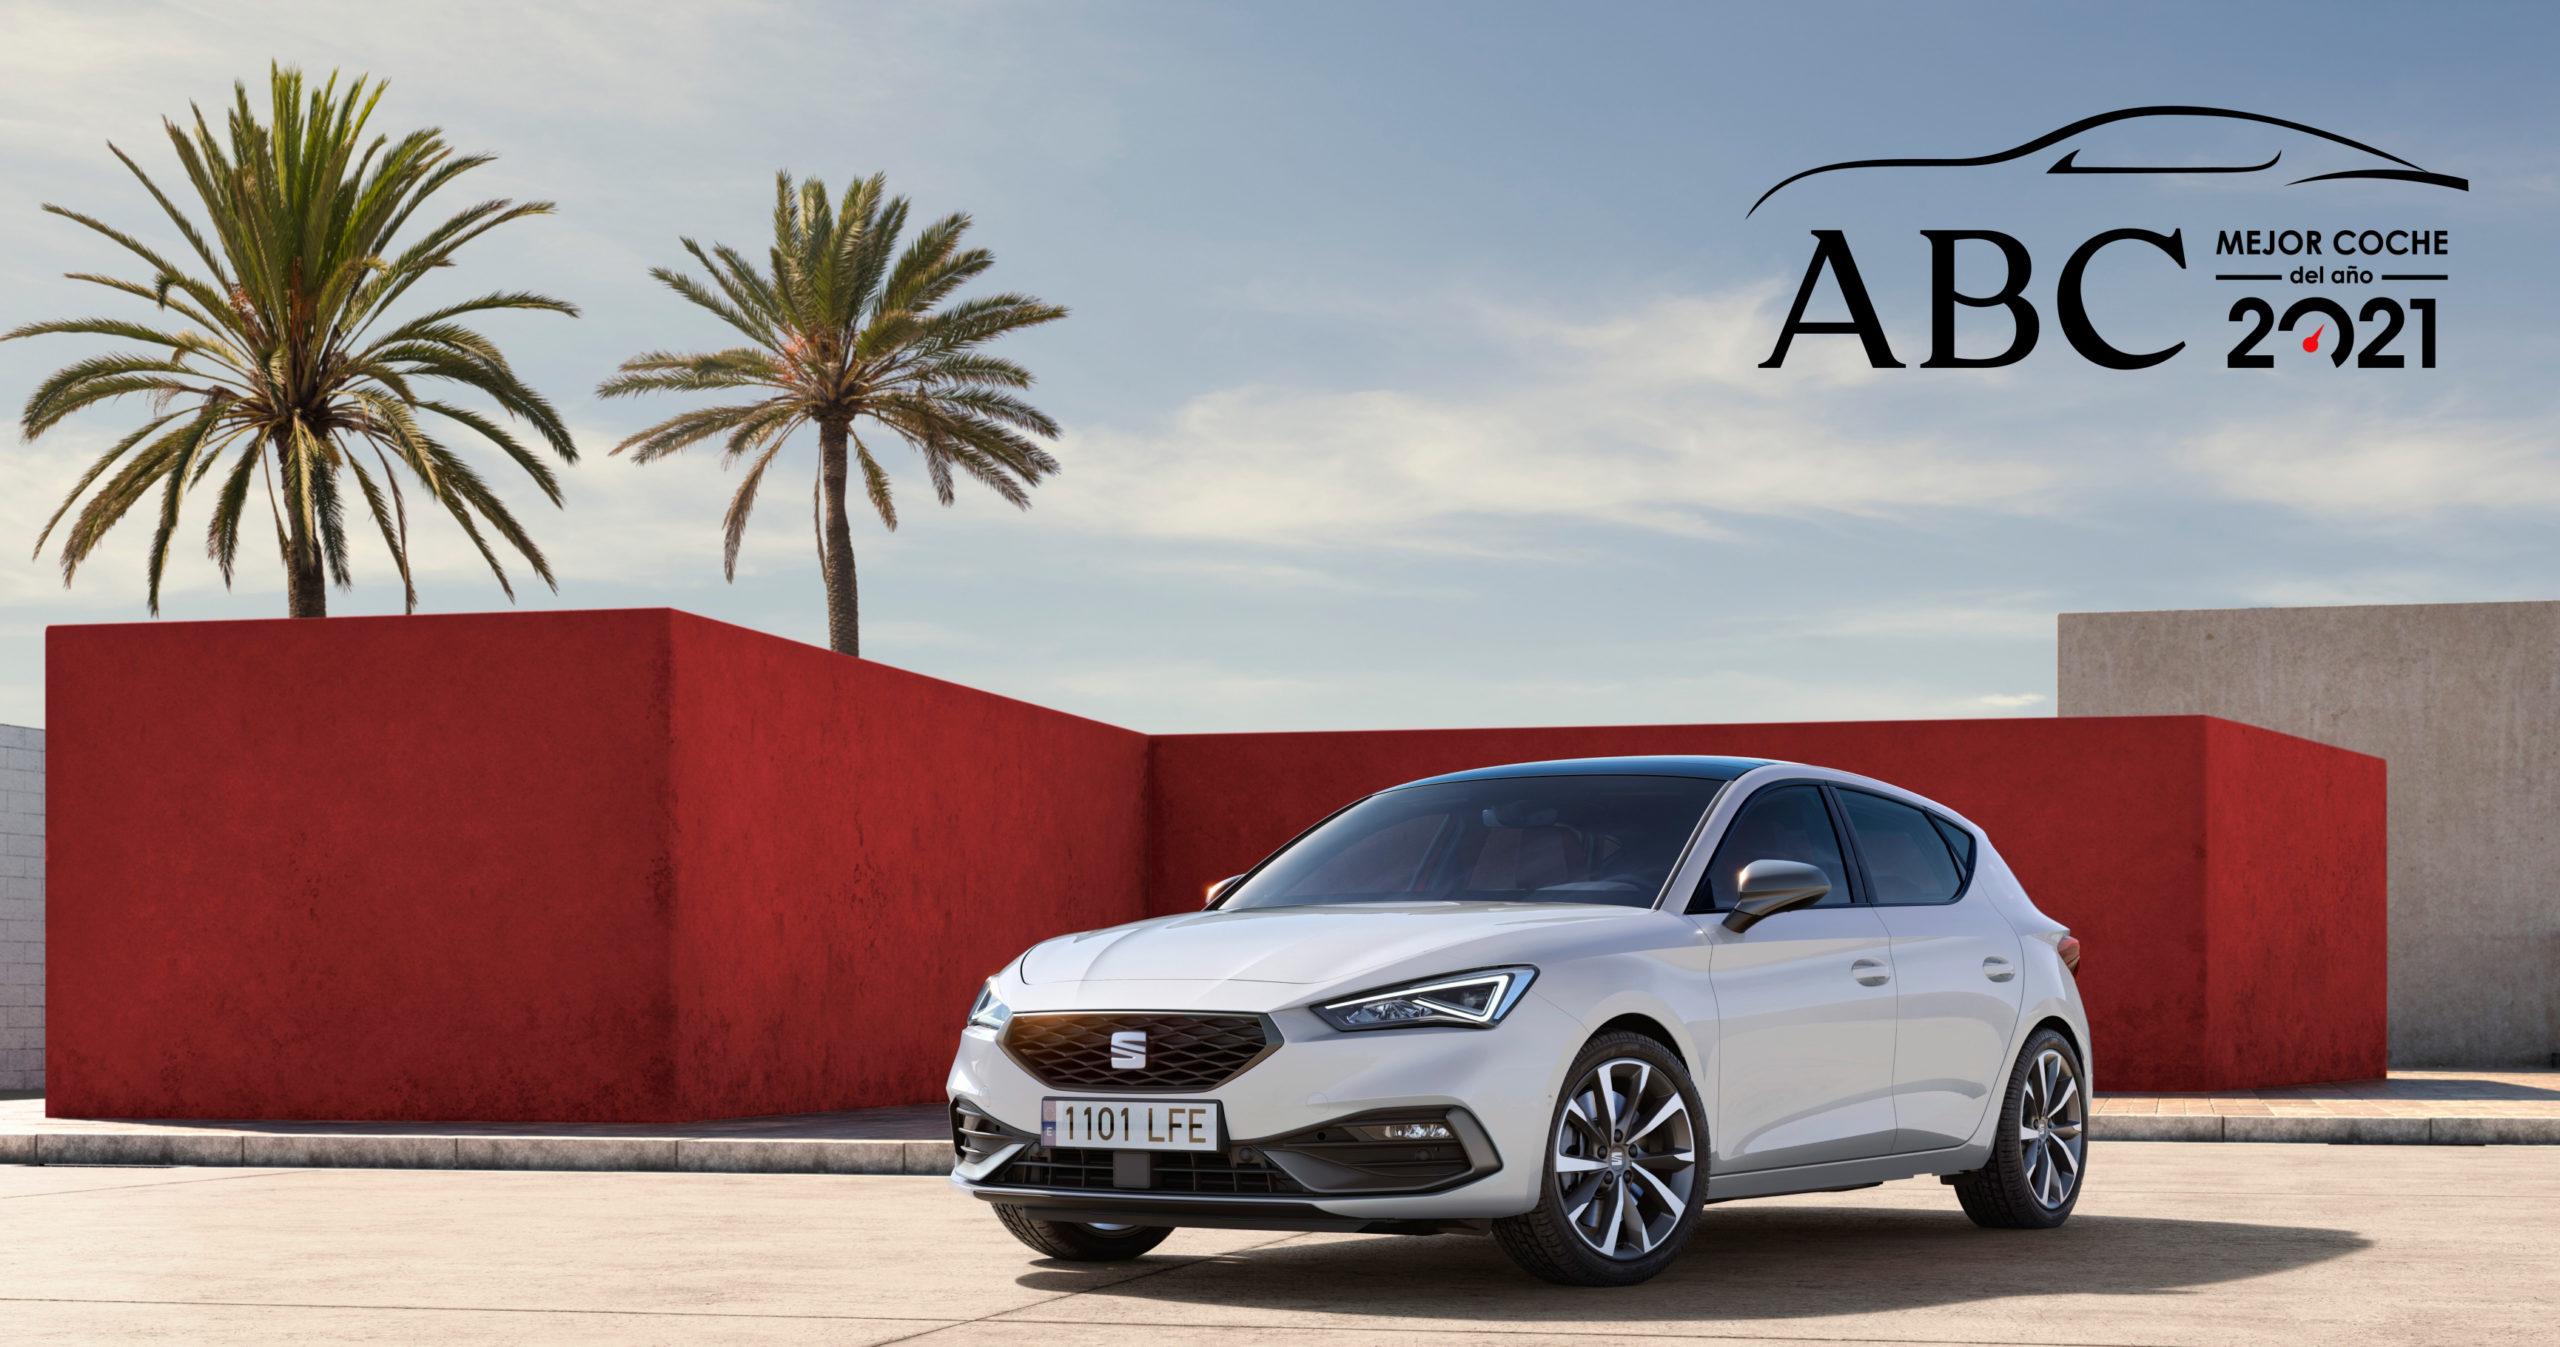 SEAT León, ABC Mejor Coche del Año 2021